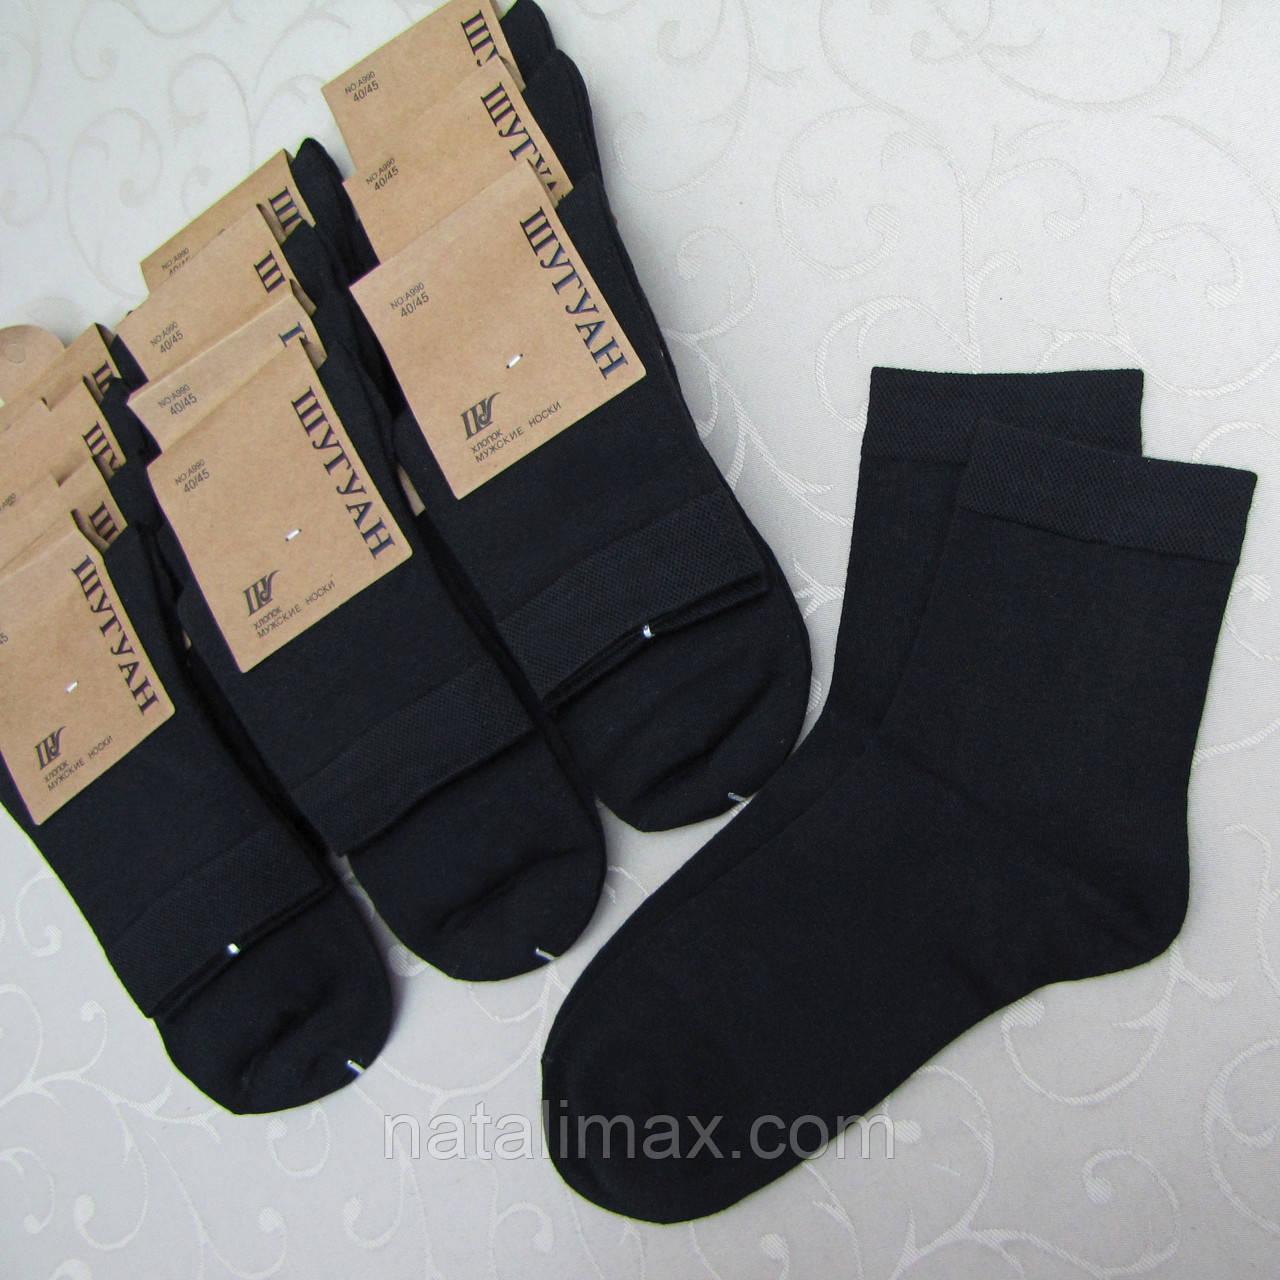 ad1c8c994938a Носки мужские черные